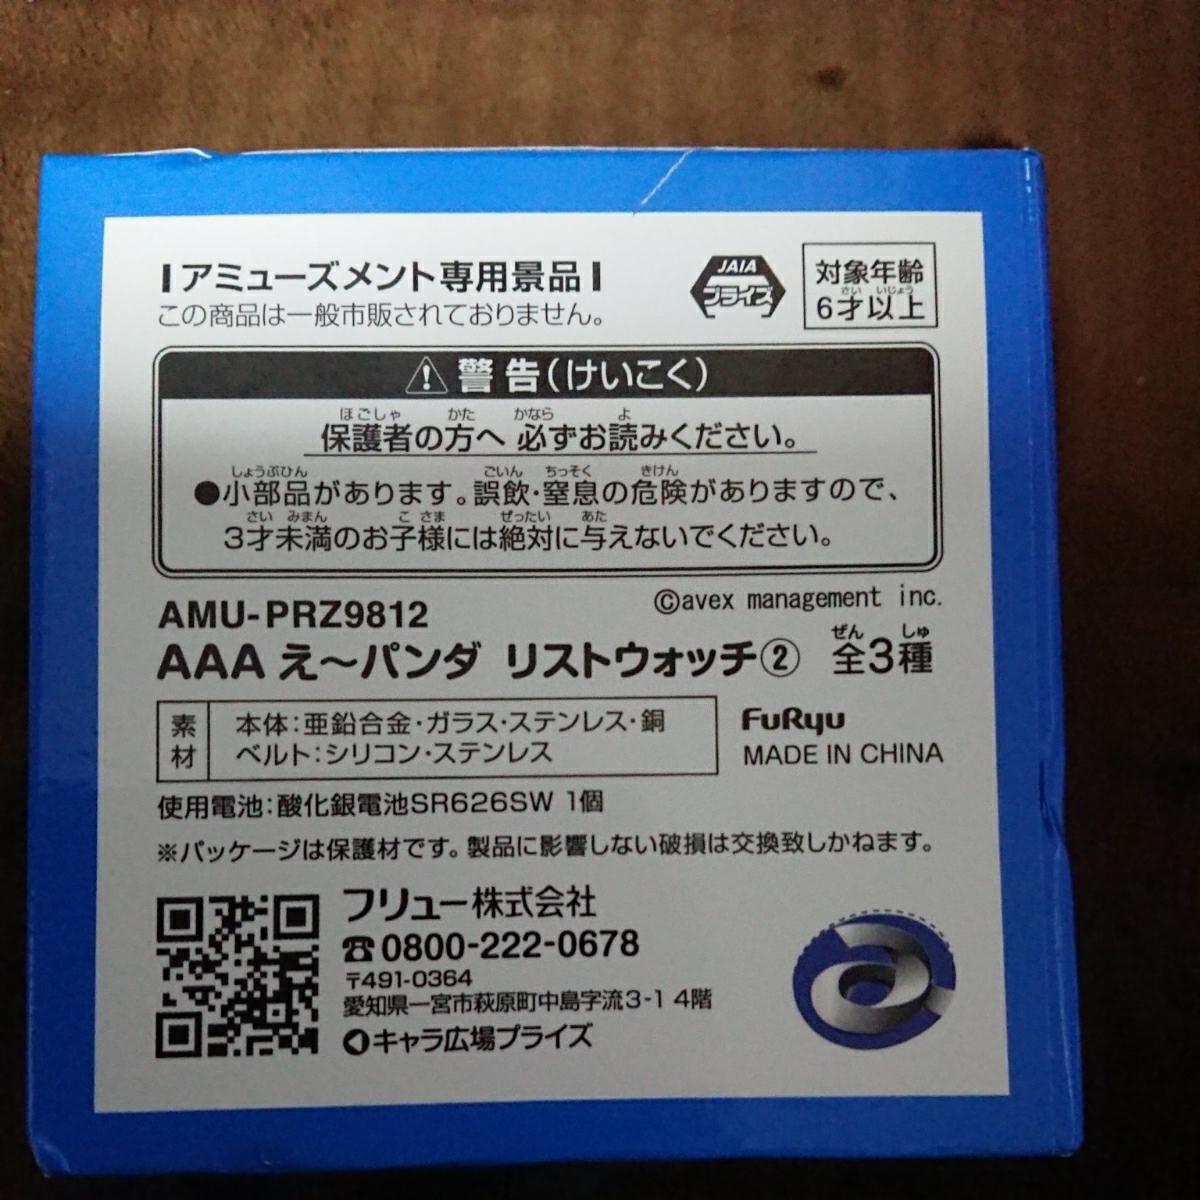 新品未使用 【AAA トリプルエー】 え~パンダ リストウォッチ 腕時計 與真司郎 ブルー 青 プライズ えーパンダ_画像3